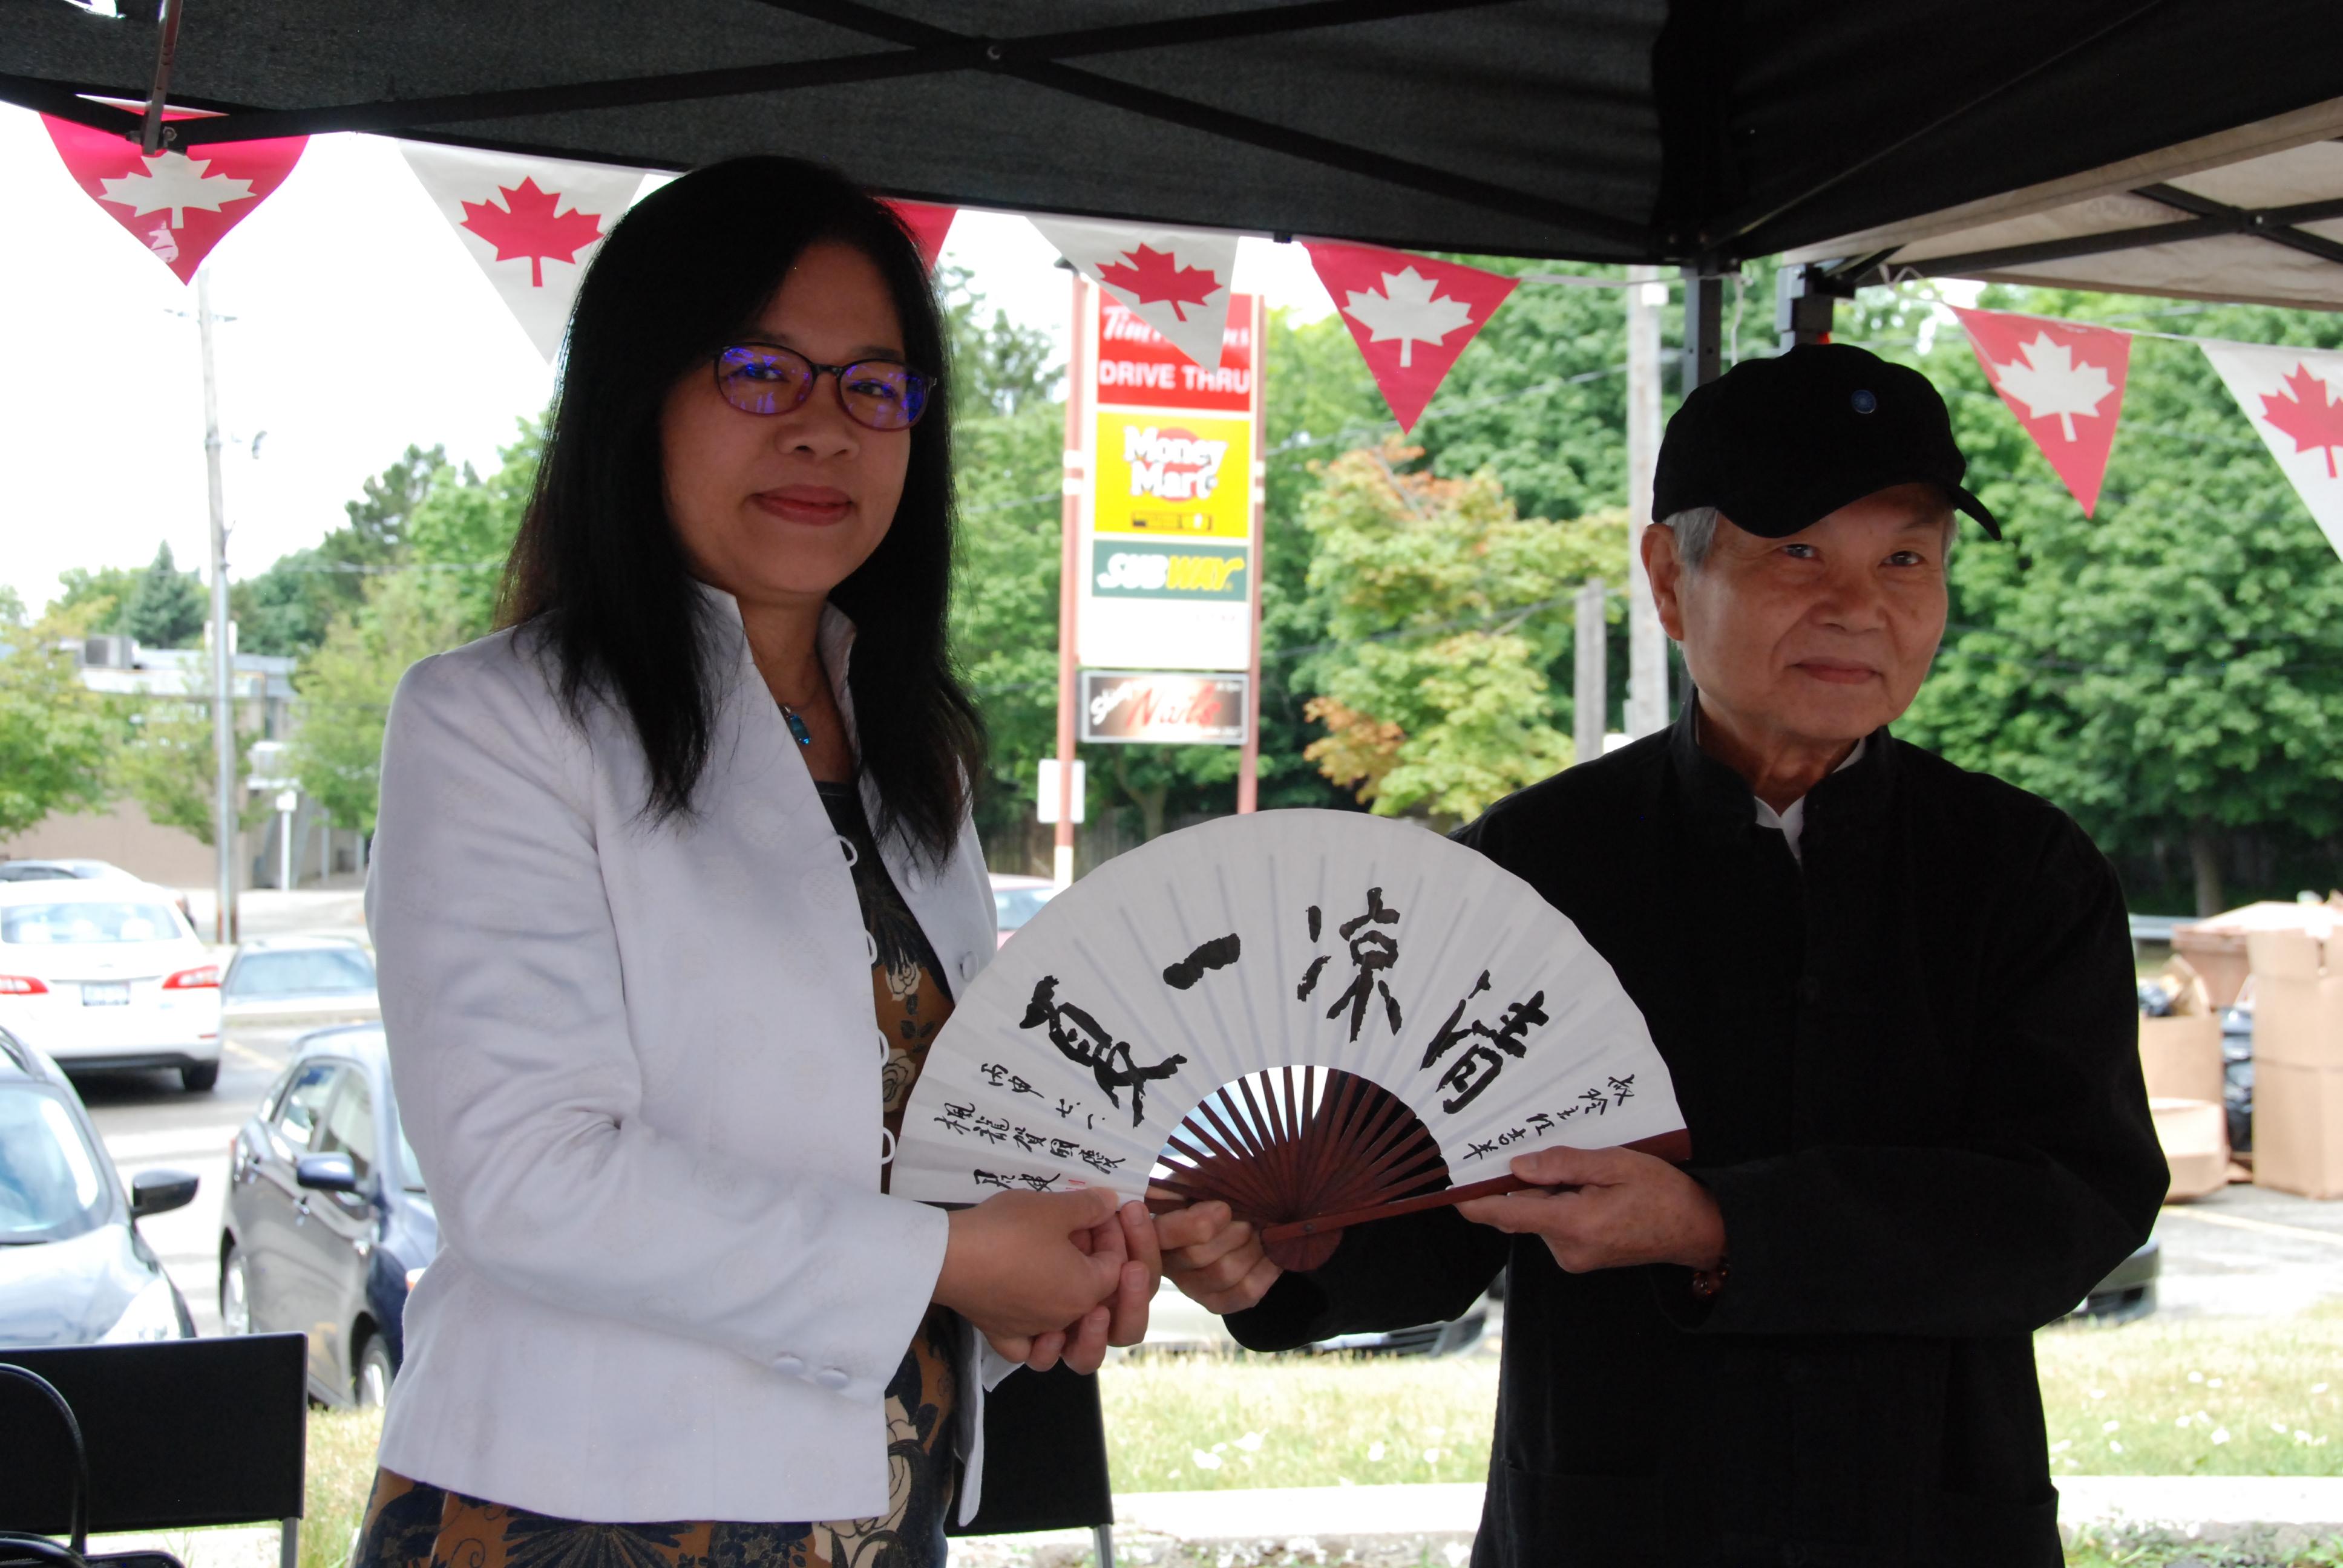 僑領許君健先生(右)為駐多倫多臺北經濟文化中心李叔玲主任贈紙扇。(伊鈴/大紀元)